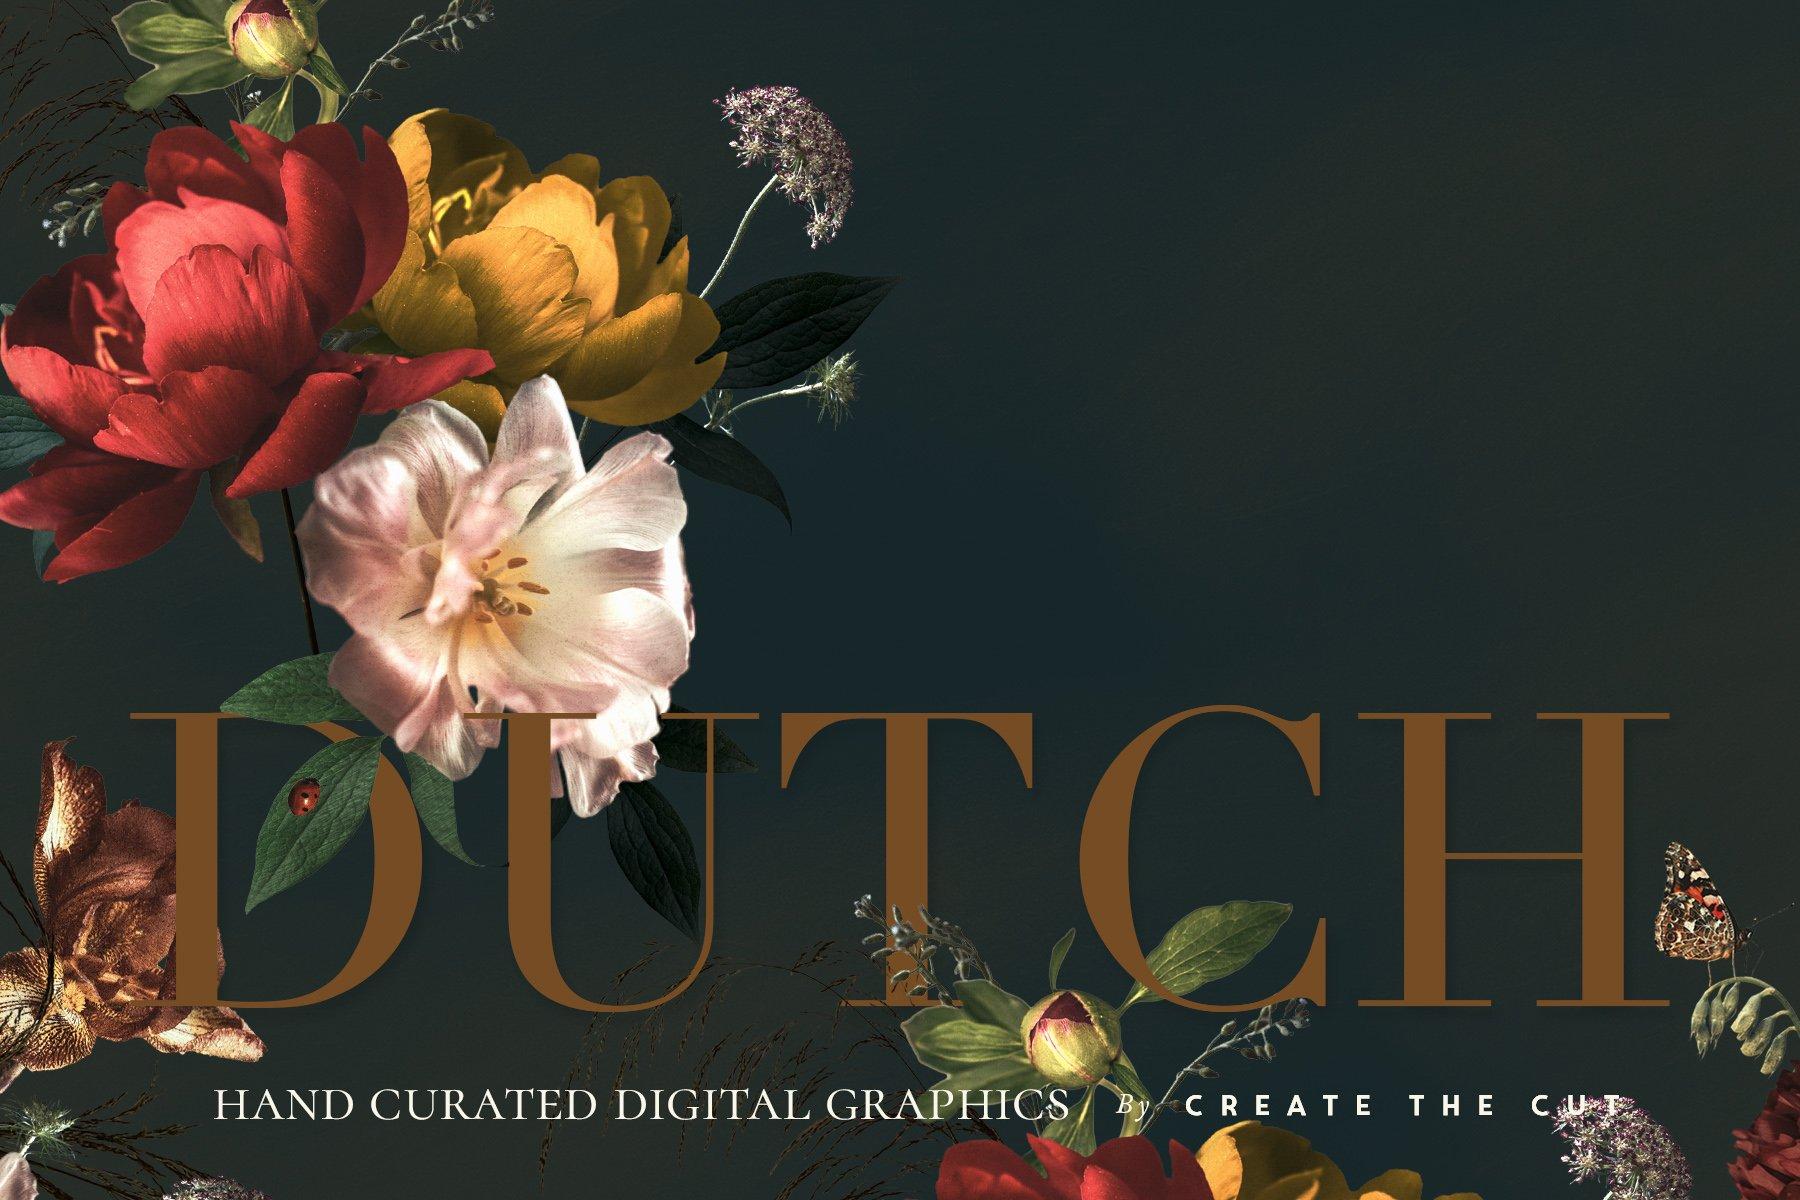 奢华复古宫廷花卉植物海报视觉设计PNG图片素材 Vintage Floral Clip Art – Dutch插图(7)